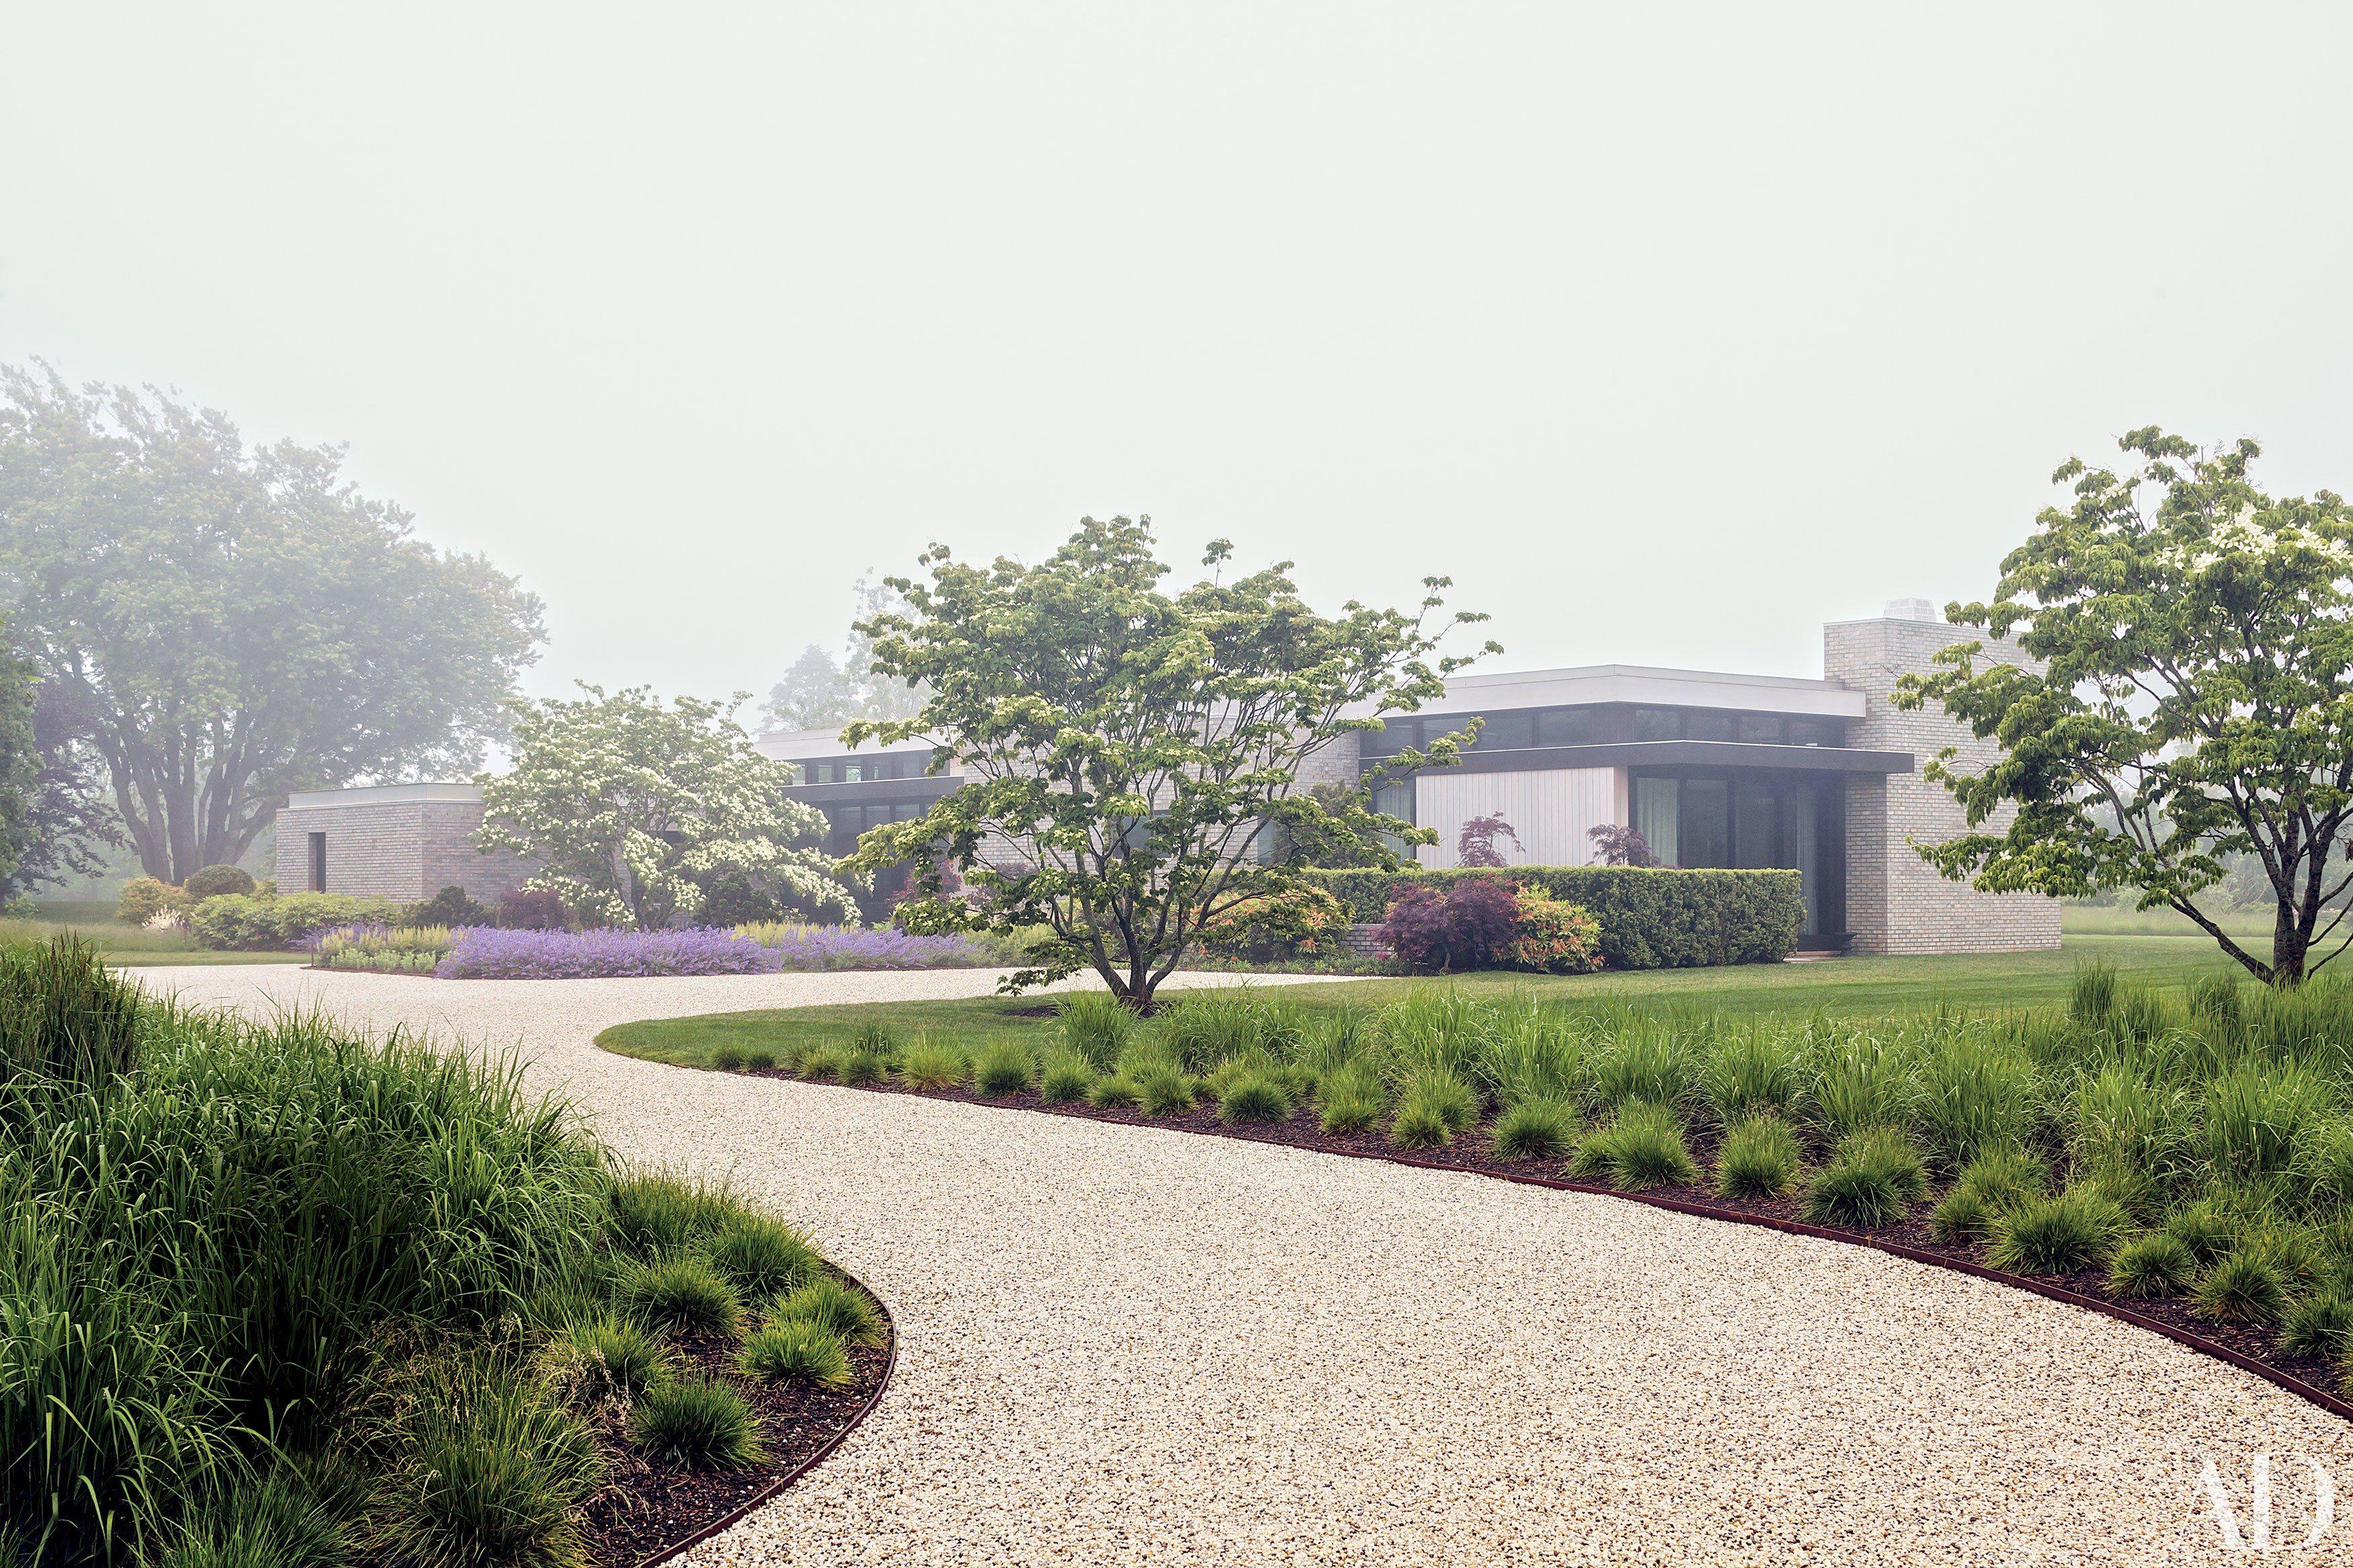 52 Beautifully Landscaped Home Gardens | Garden photos ...